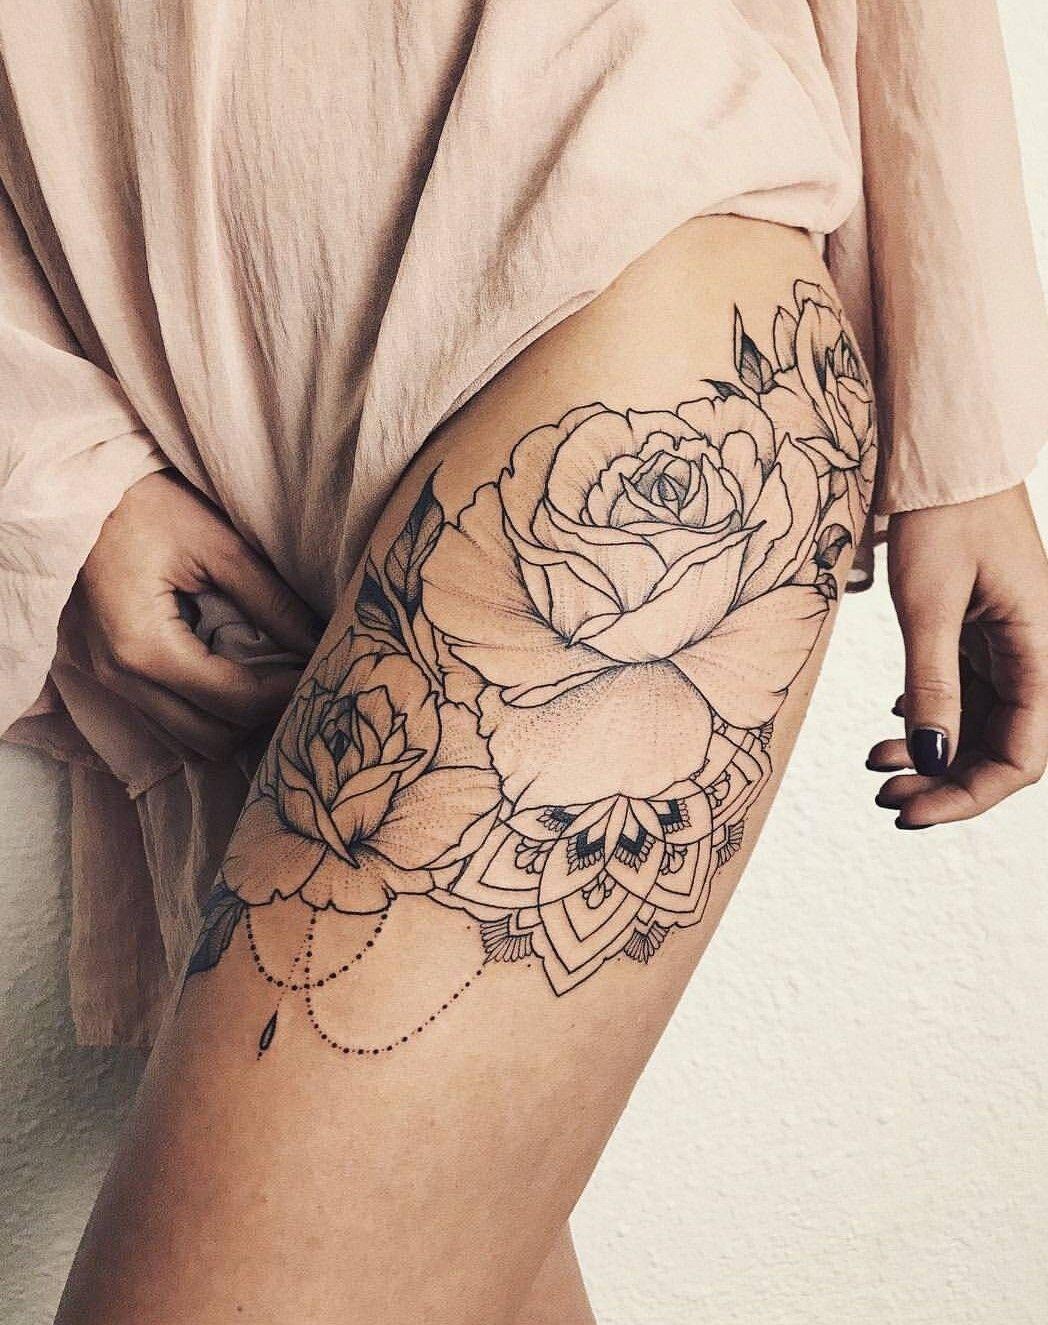 Erotic tattos